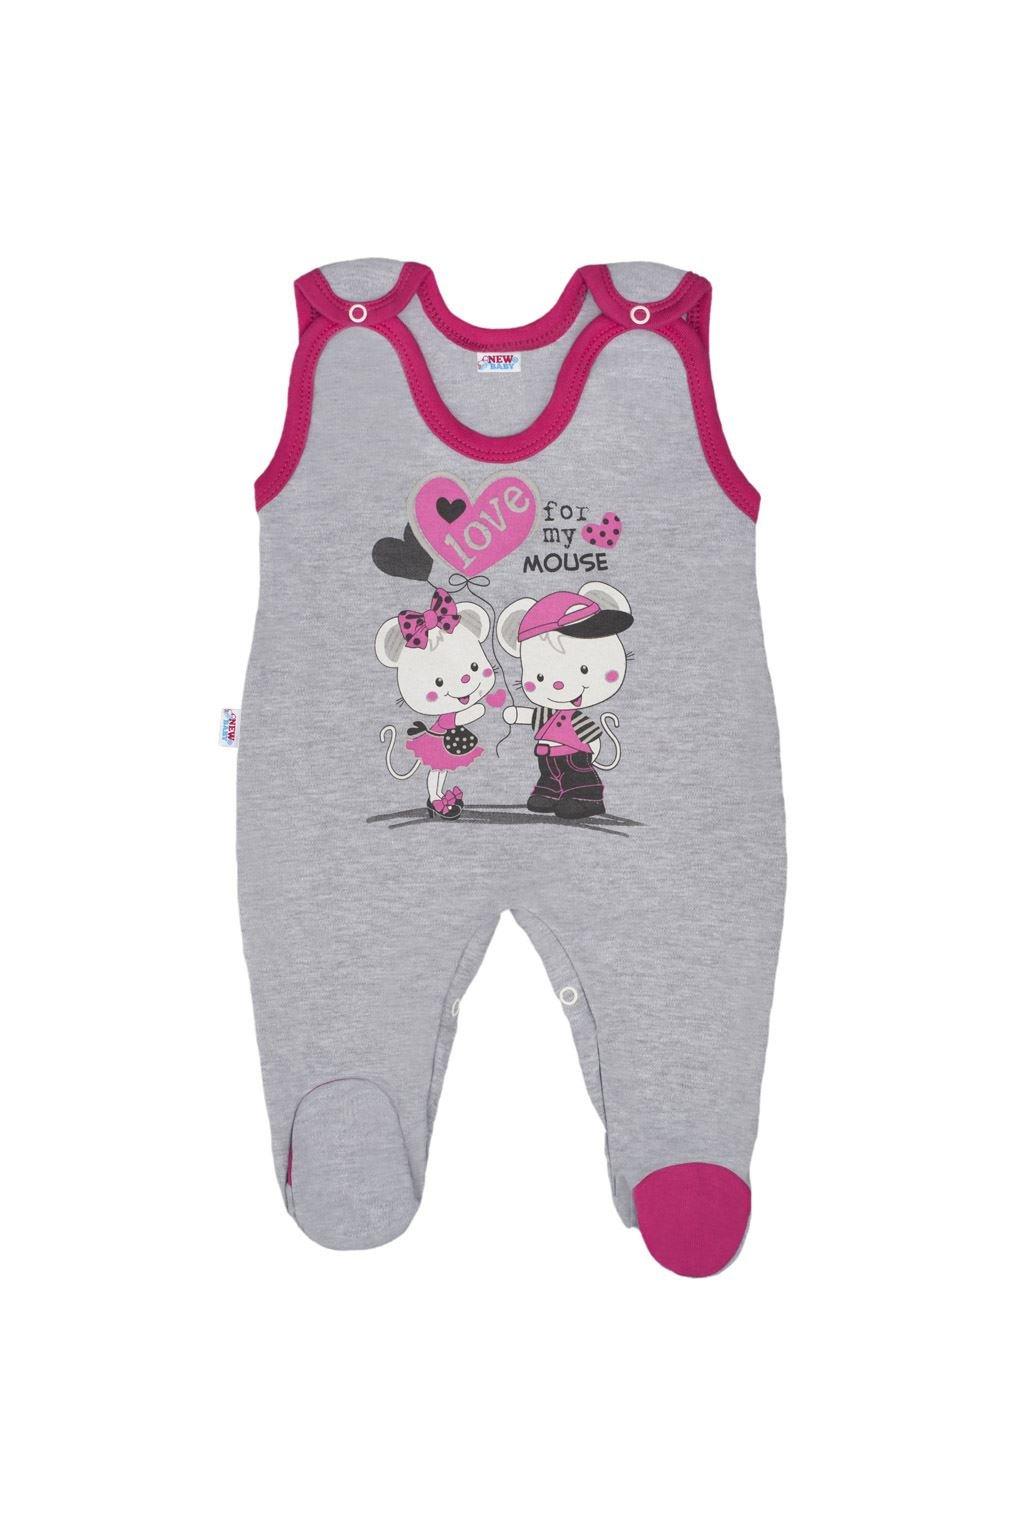 Detské dupačky New Baby Love Mouse NJSK 35614